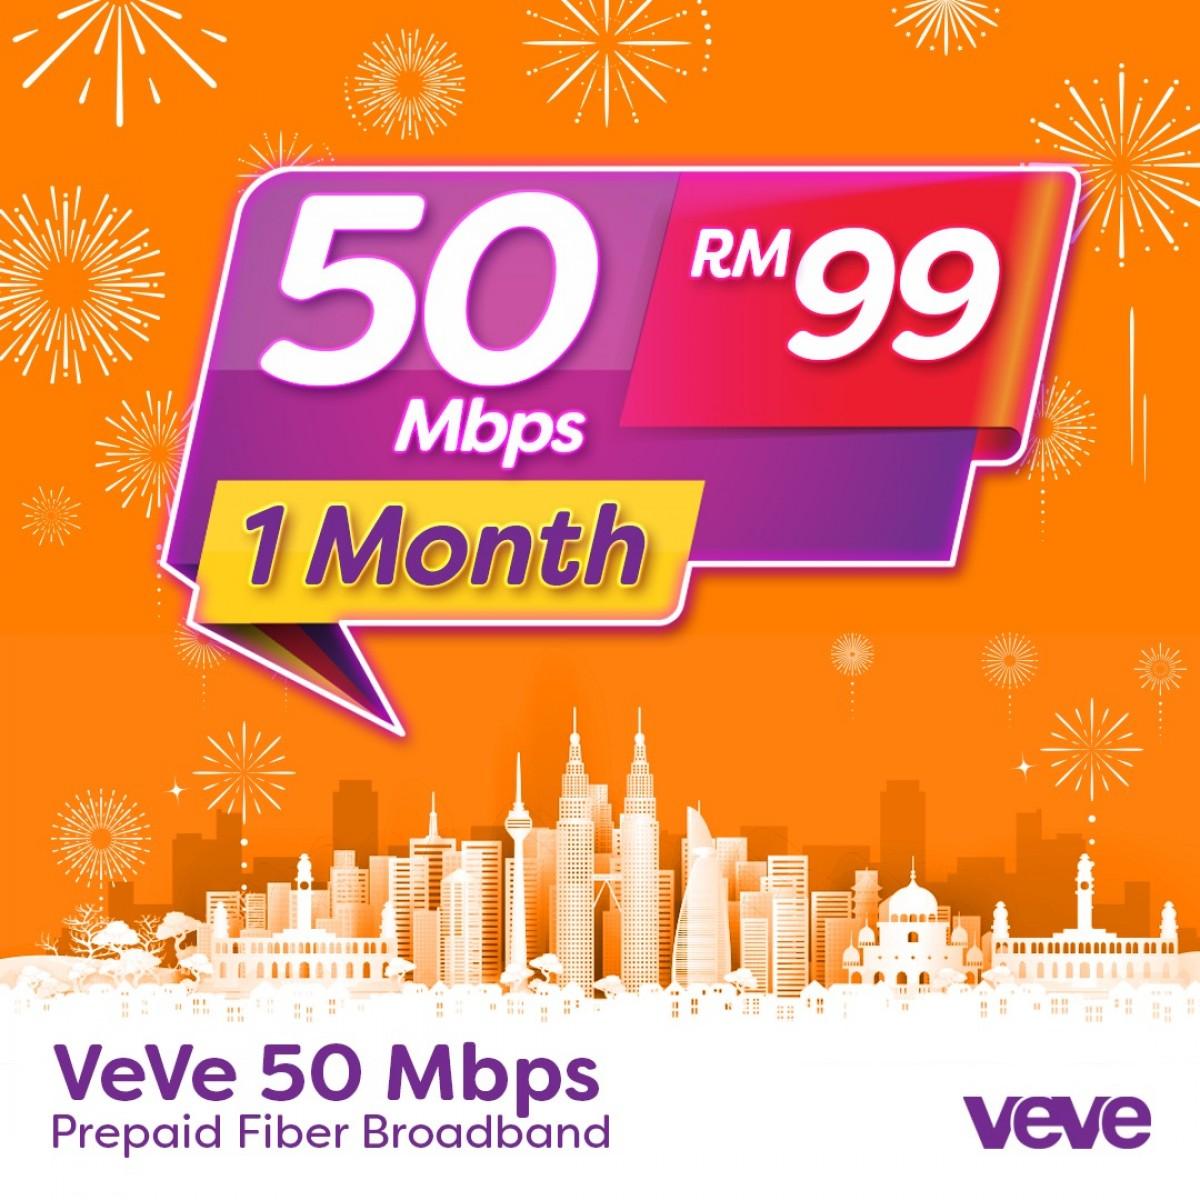 VeVe 50 Mbps Home Fibre (1 Month) - VEVE